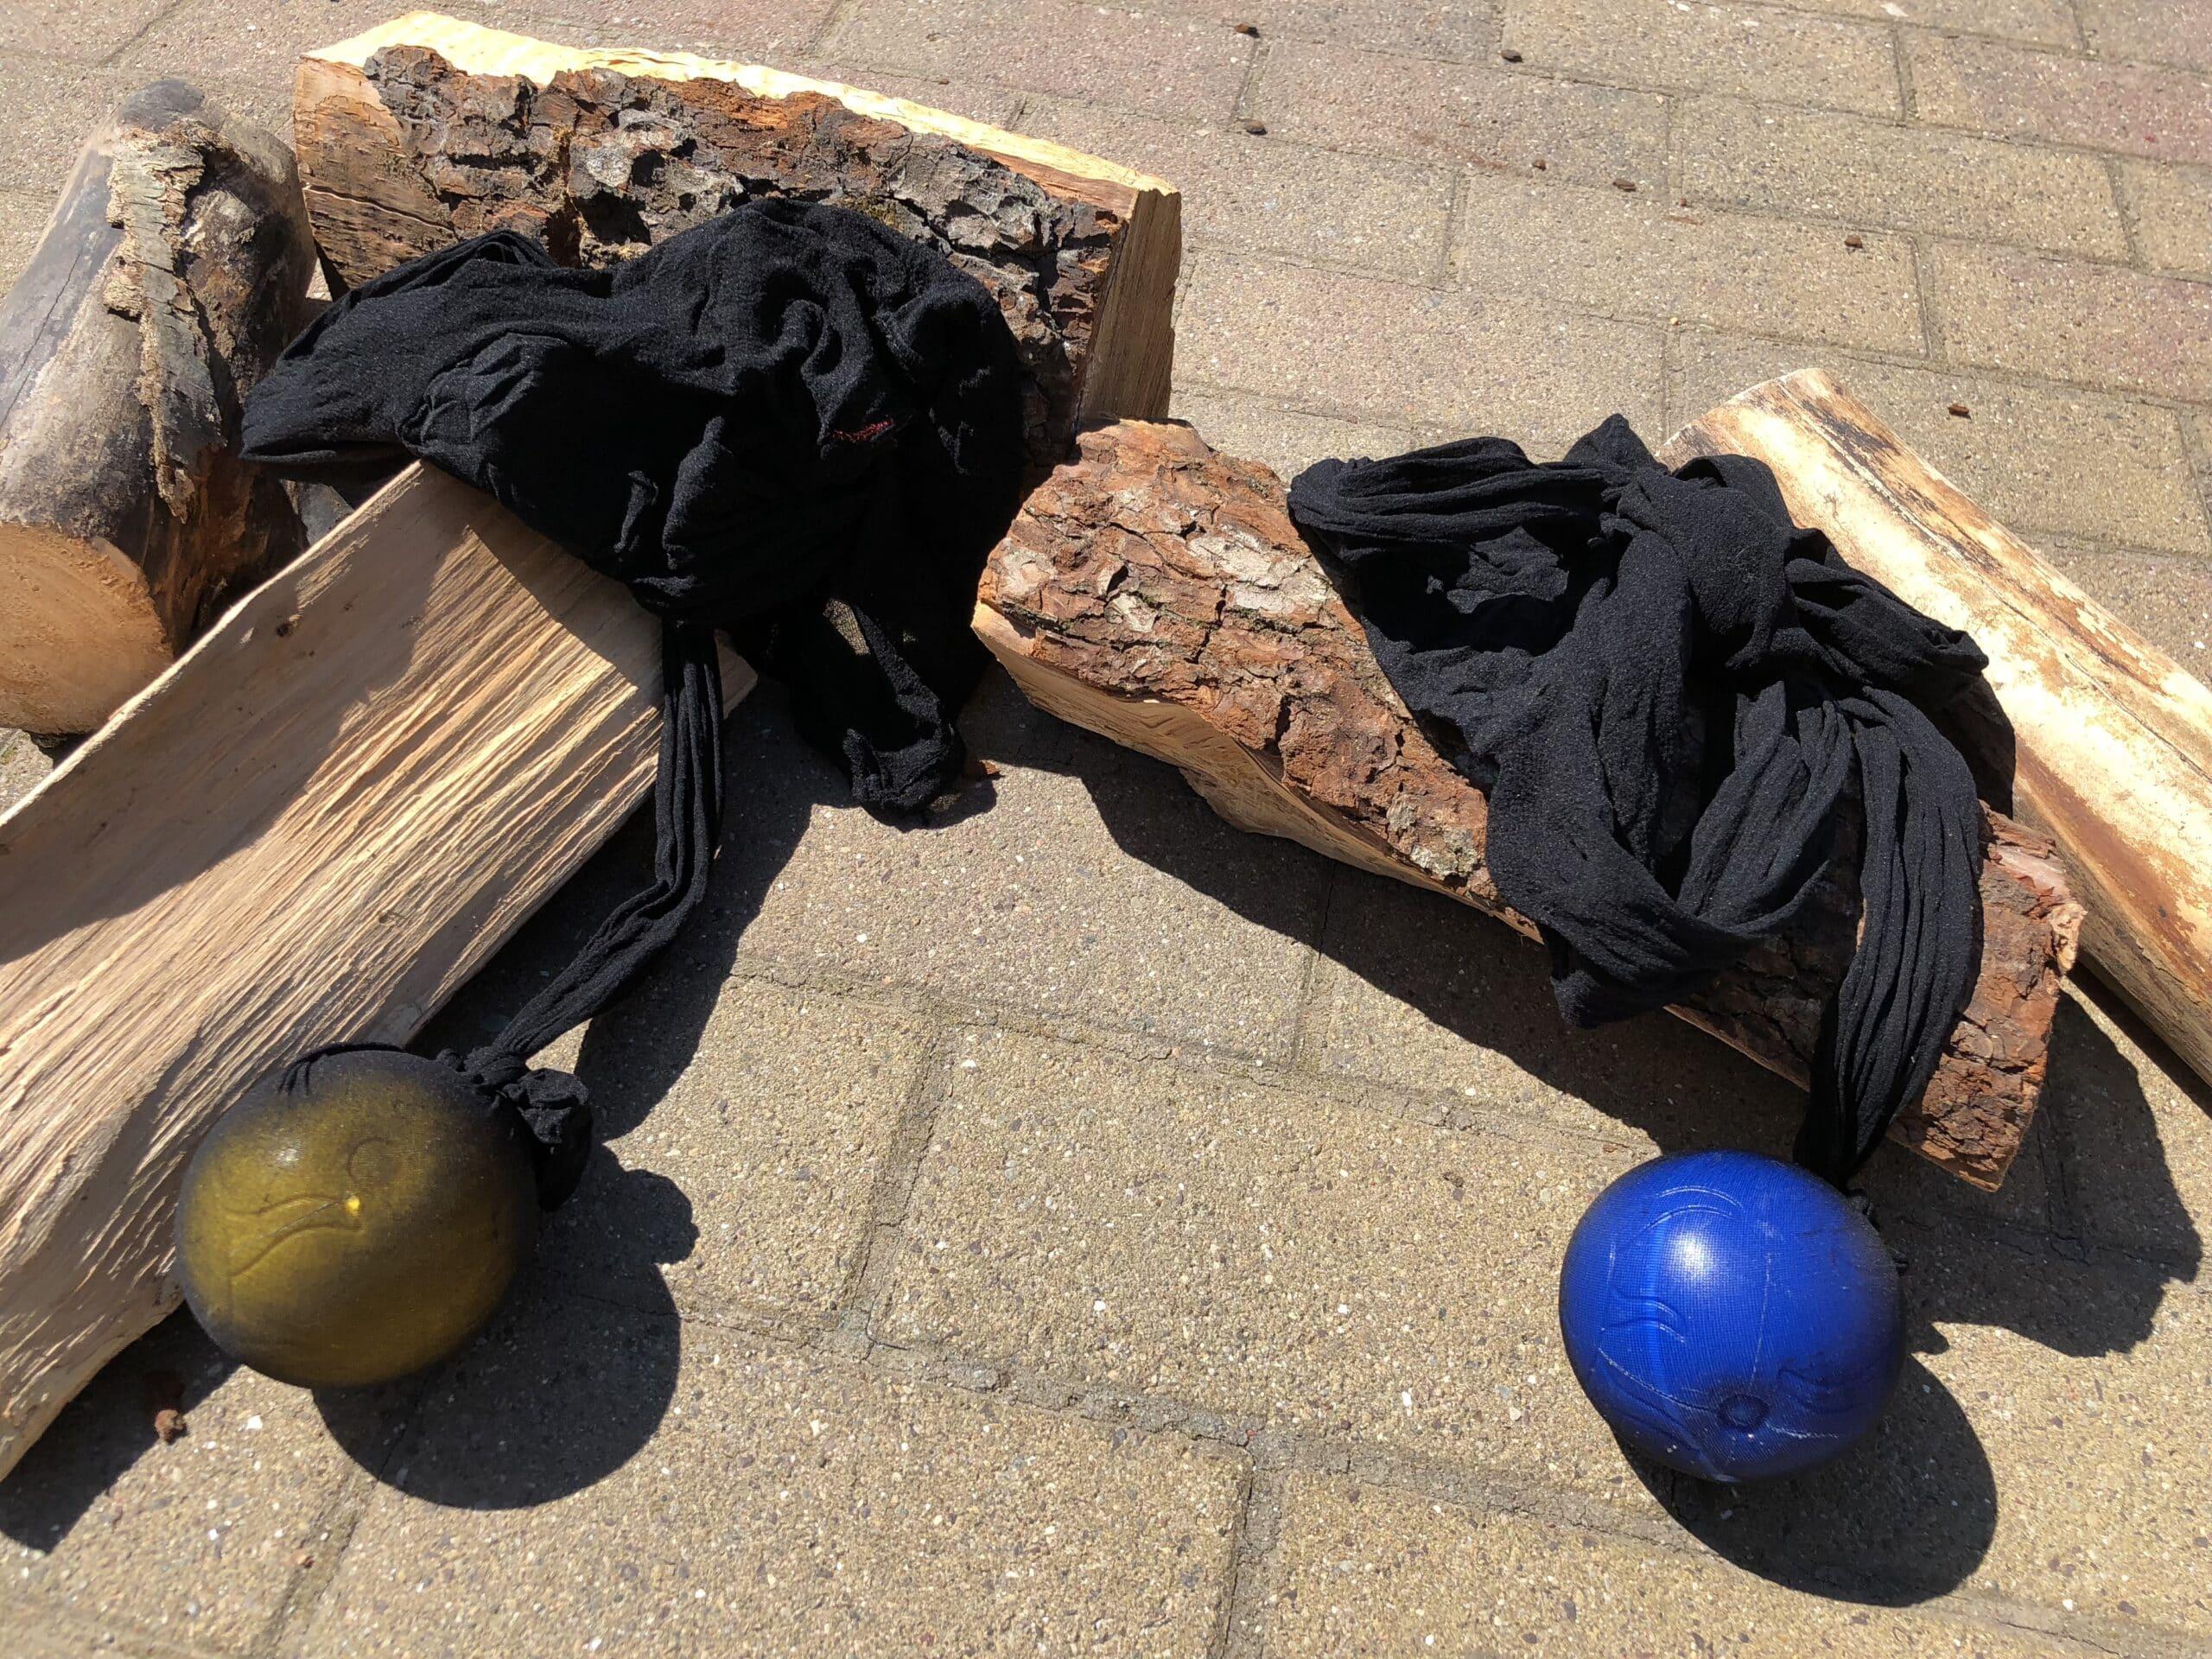 Strumpfhosen Bowling ausprobiert